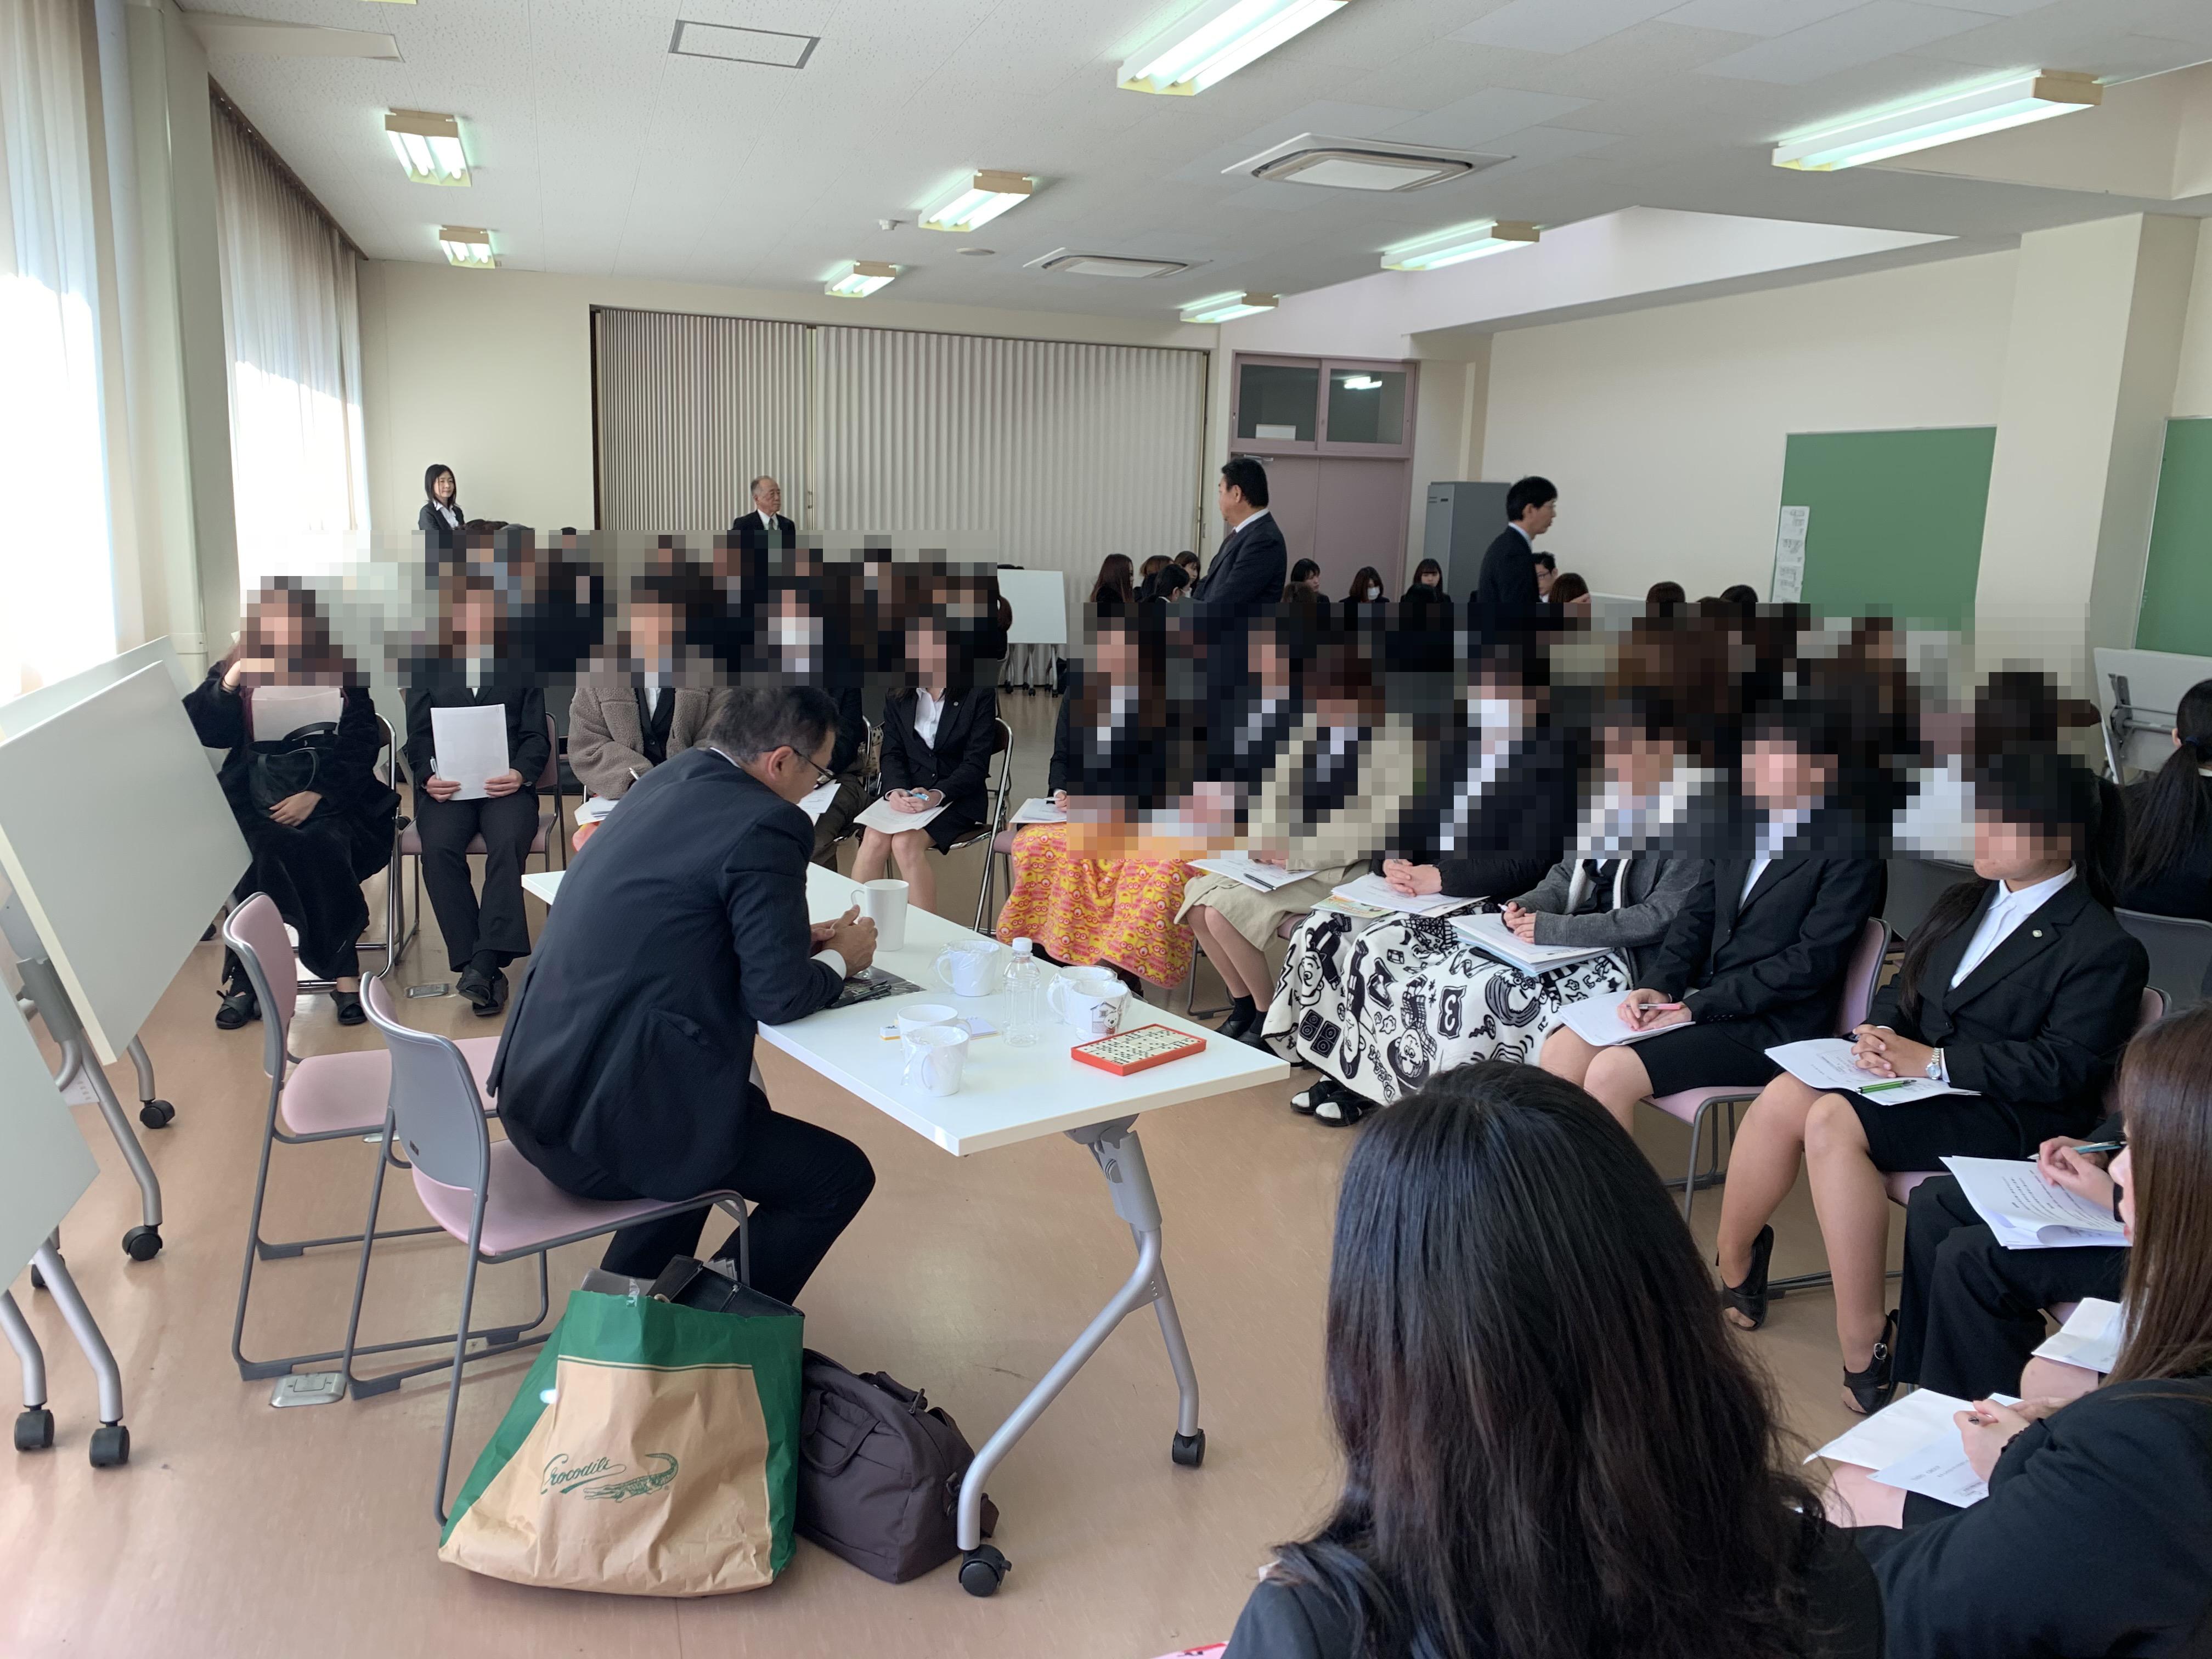 kouryu_taiyoukagaku2.jpg